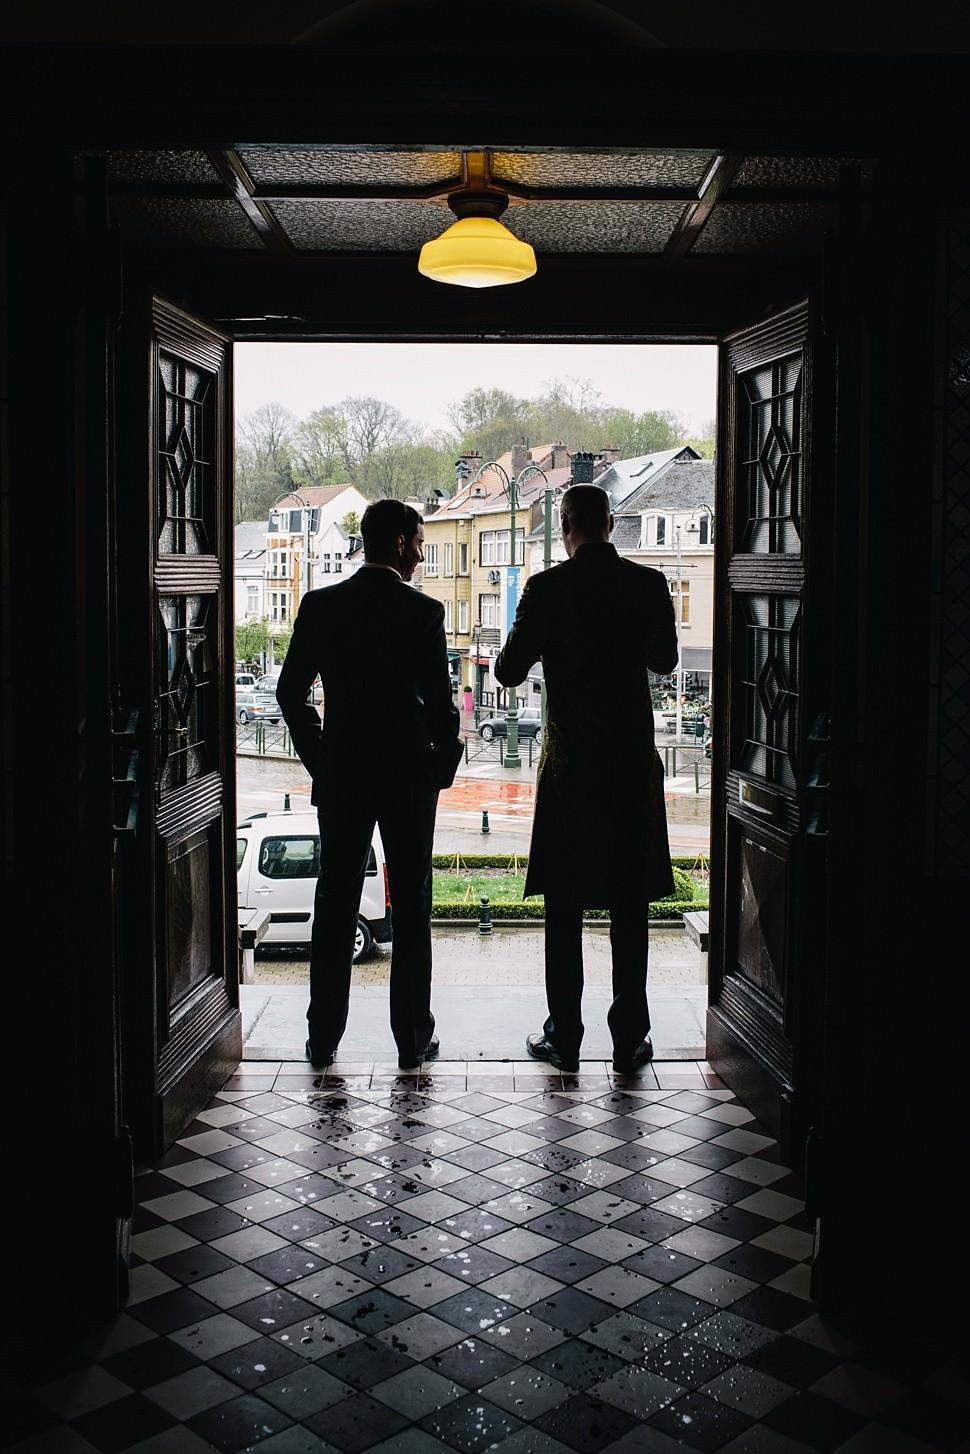 Huwelijksfotograaf Gent Ivo Popov_4793